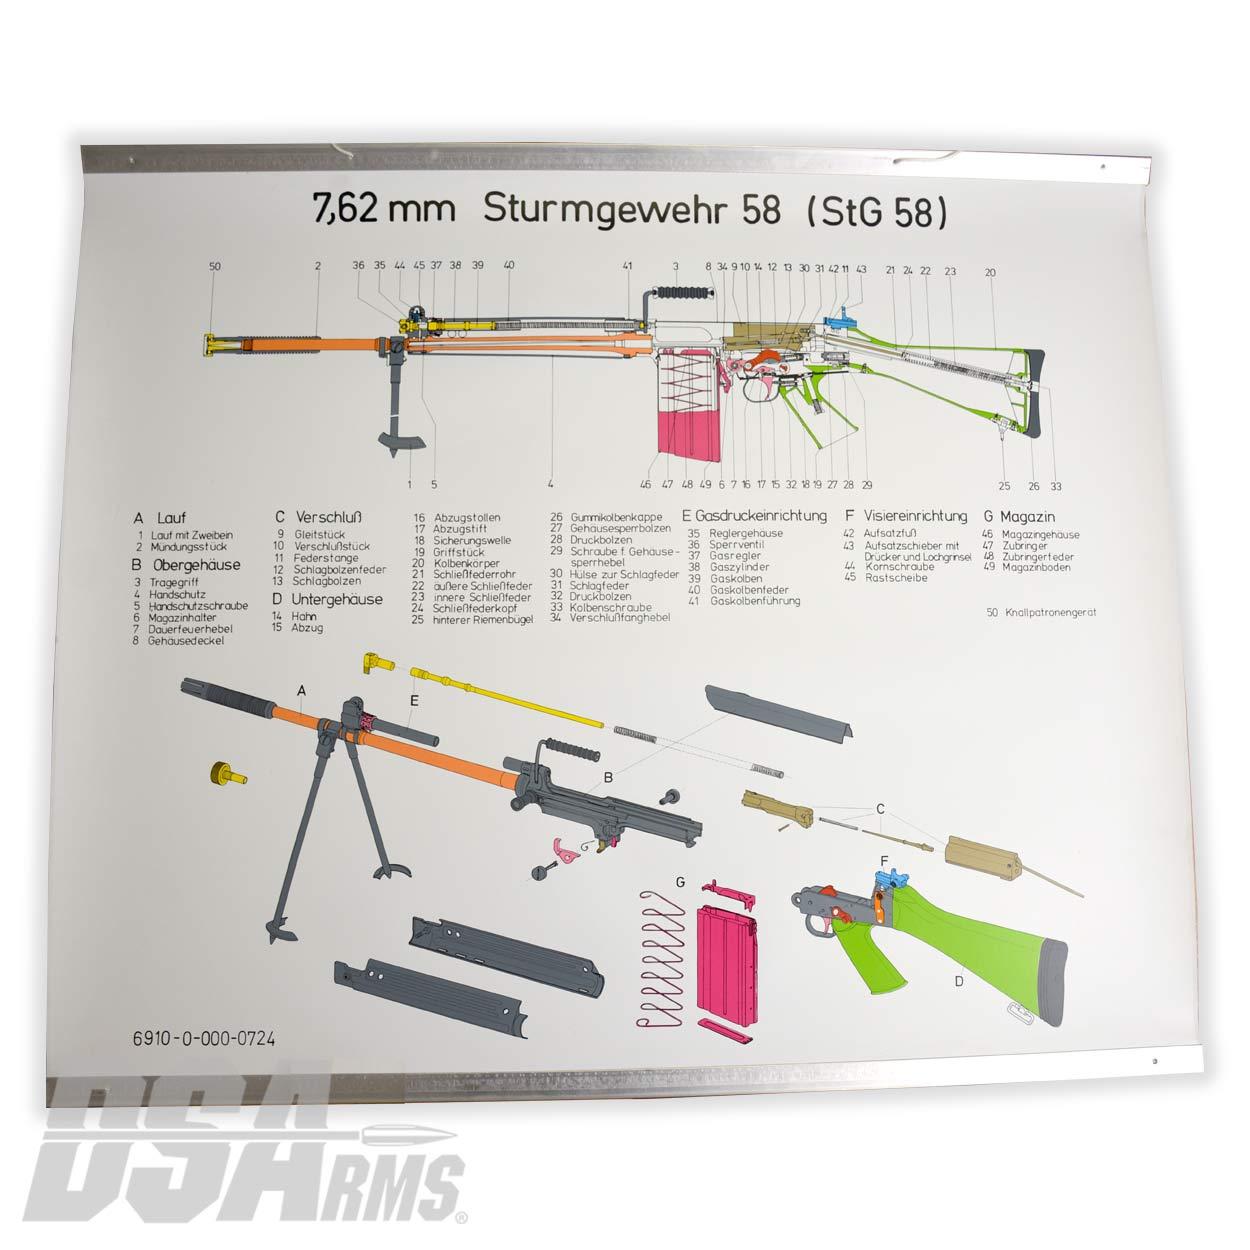 Original Steyr of Austria STG58 Rifle Schematic Original Steyr of Austria on cz schematic, cetme schematic, enfield schematic, m4 schematic, remington 870 schematic, m1 garand schematic, revolver schematic, ar parts schematic, gun schematic, winchester schematic, ar trigger schematic, mauser schematic, pistol schematic, m16 schematic, sa80 schematic, marlin model 60 schematic, akm schematic, glock schematic, ak-47 schematic, dyson schematic,